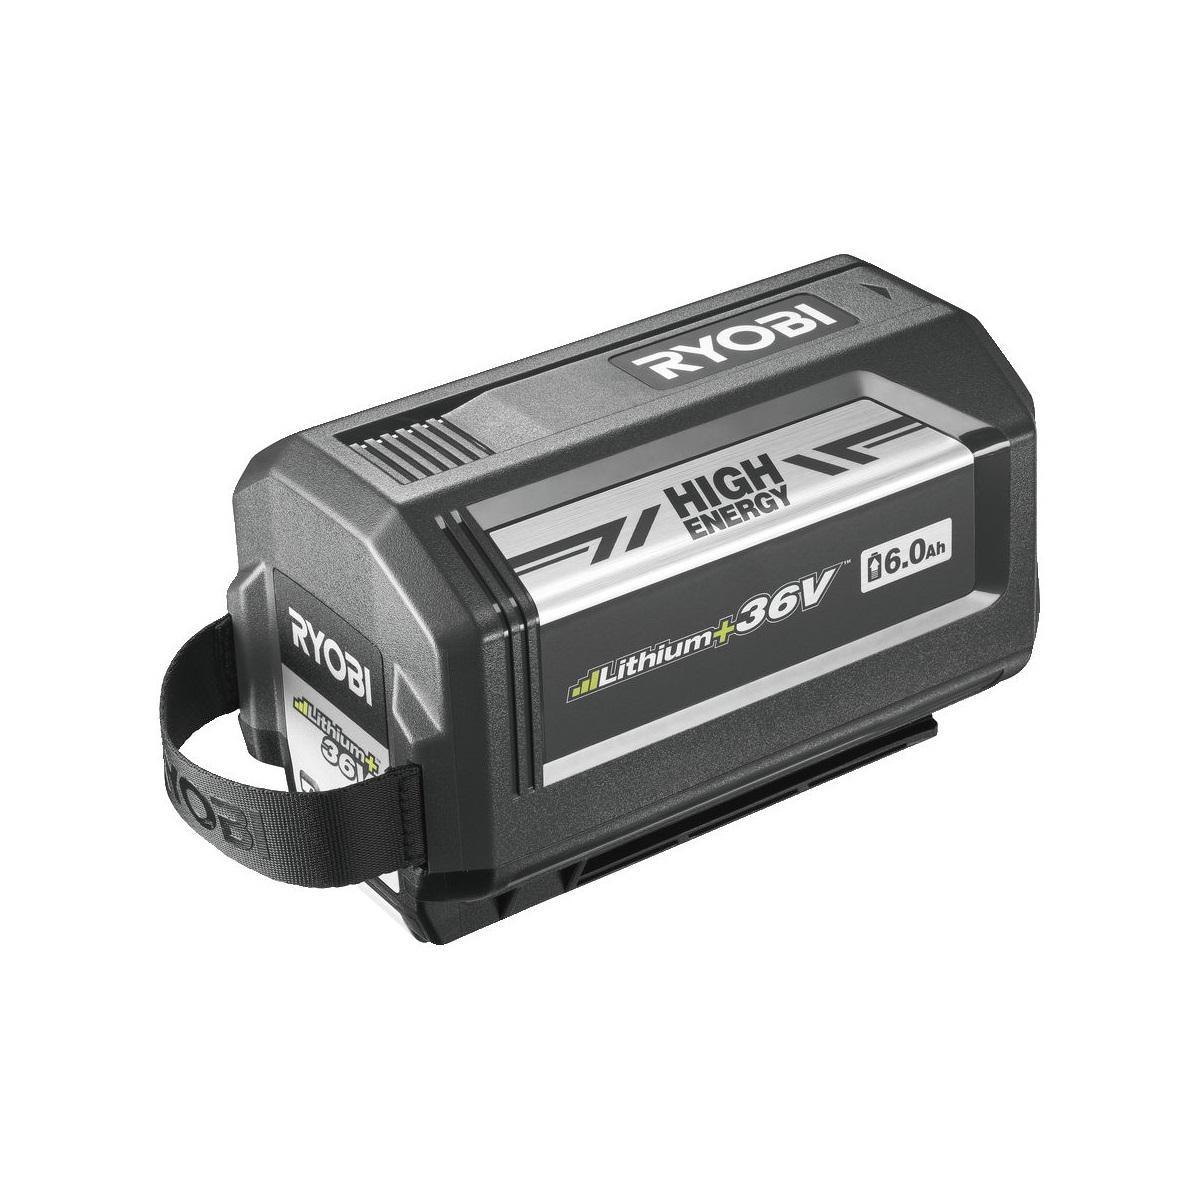 Ryobi RY36B60A, 36V 1x 6,0 Ah High Energy akumulátor